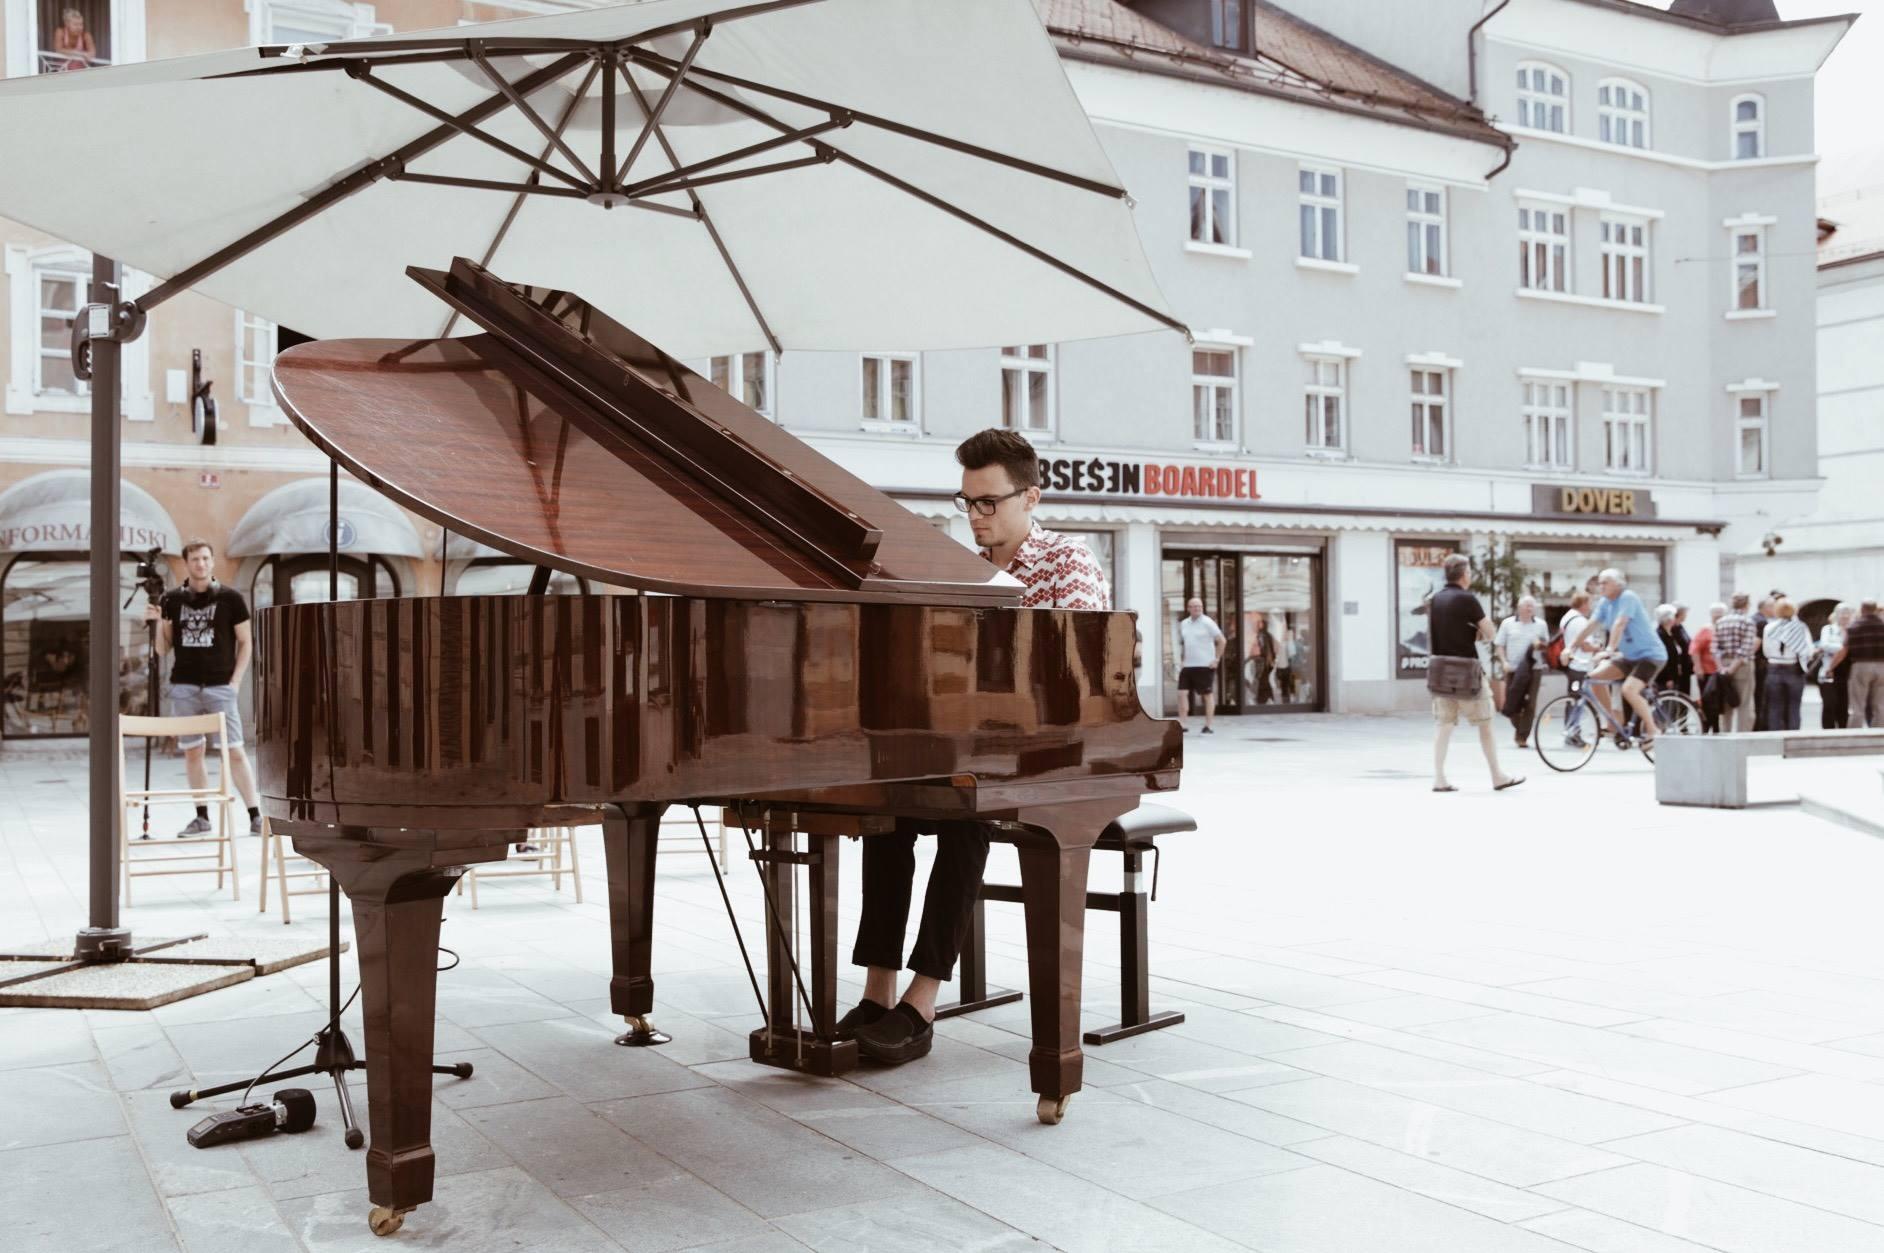 4,5 Koncert za mesto in klavir 2018. Foto Taja Košir Popovič2